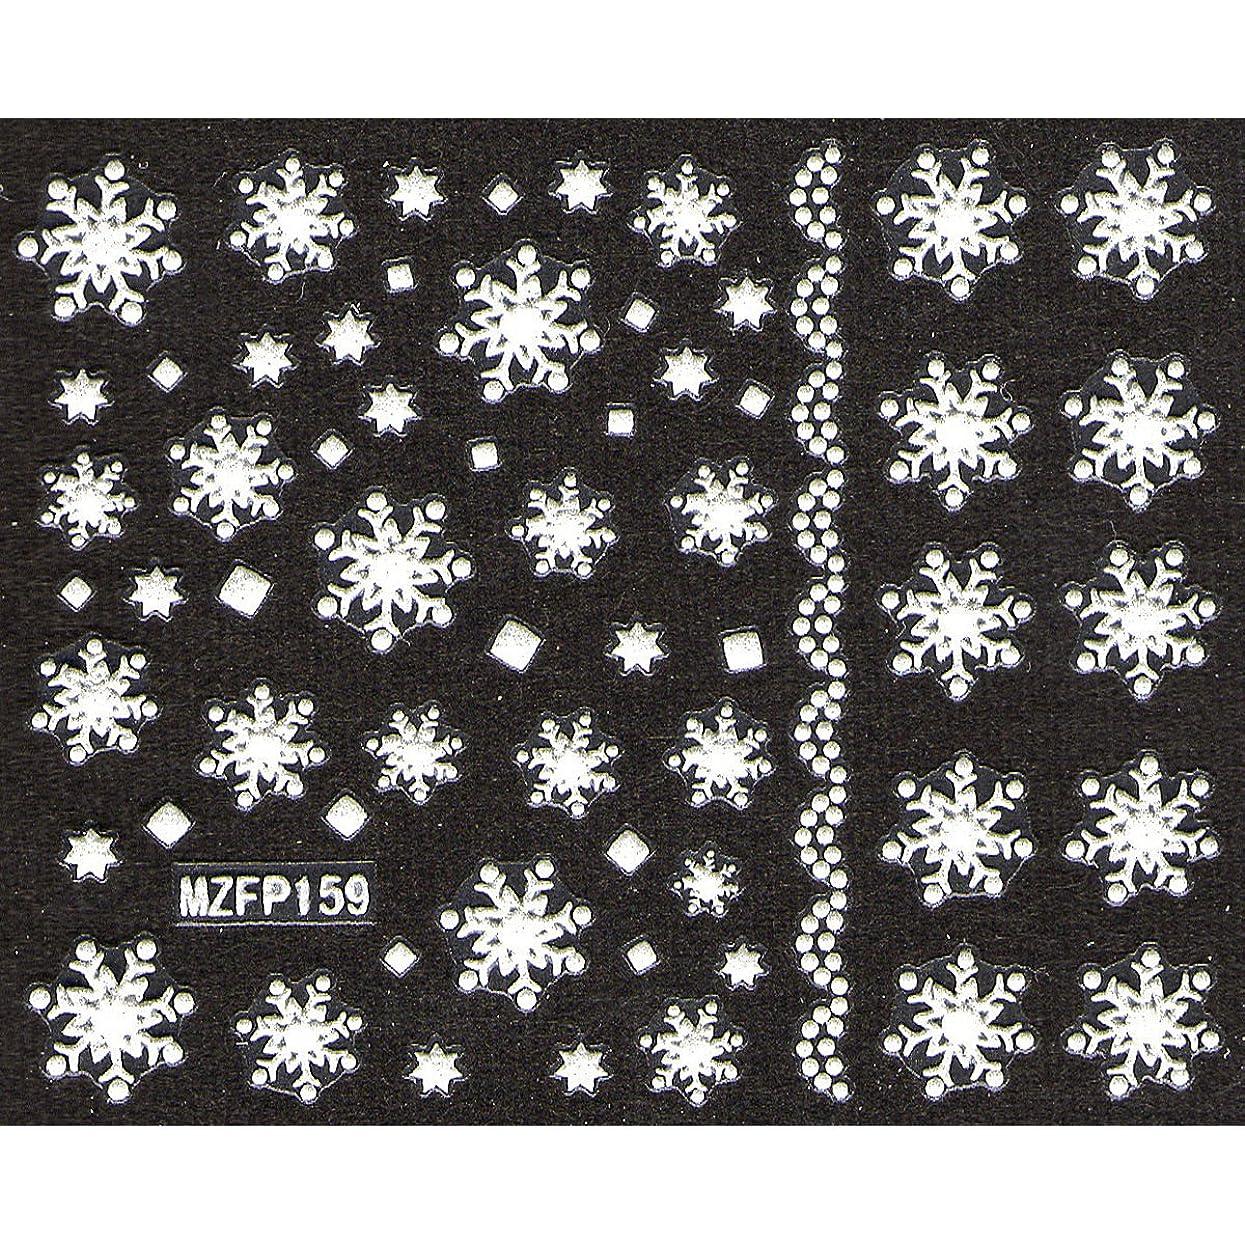 温度計植物の代わりにを立てるネイルシール 雪の結晶 選べる24種類 (Sa-15)